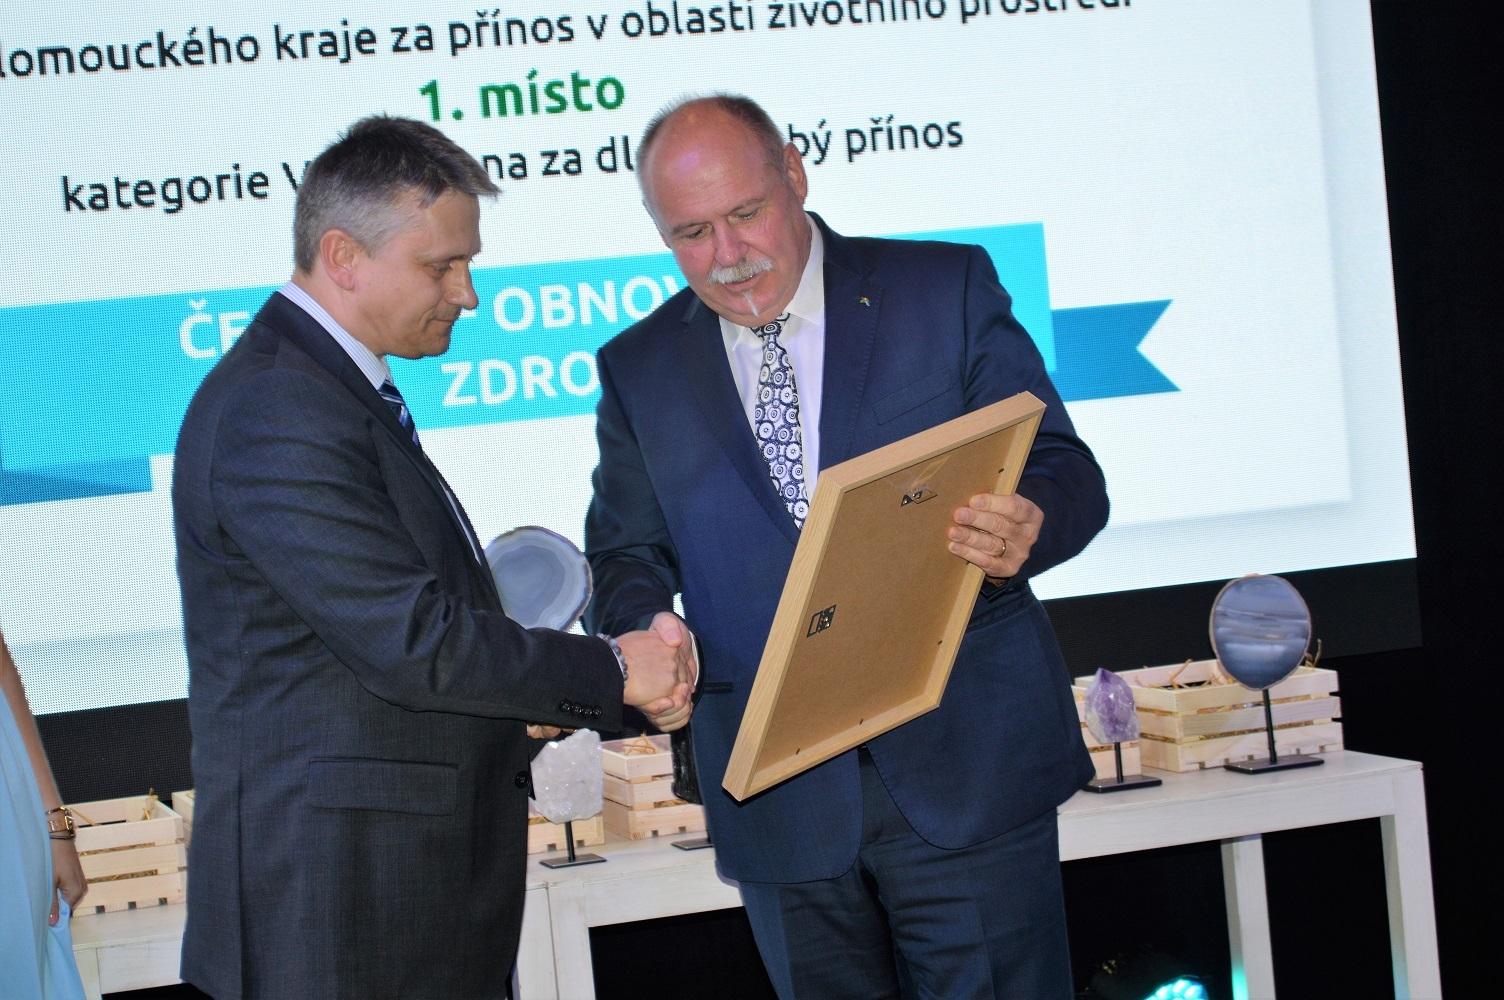 Dlouhé stráně získaly cenu Olomouckého kraje zdroj foto: V. Sobol